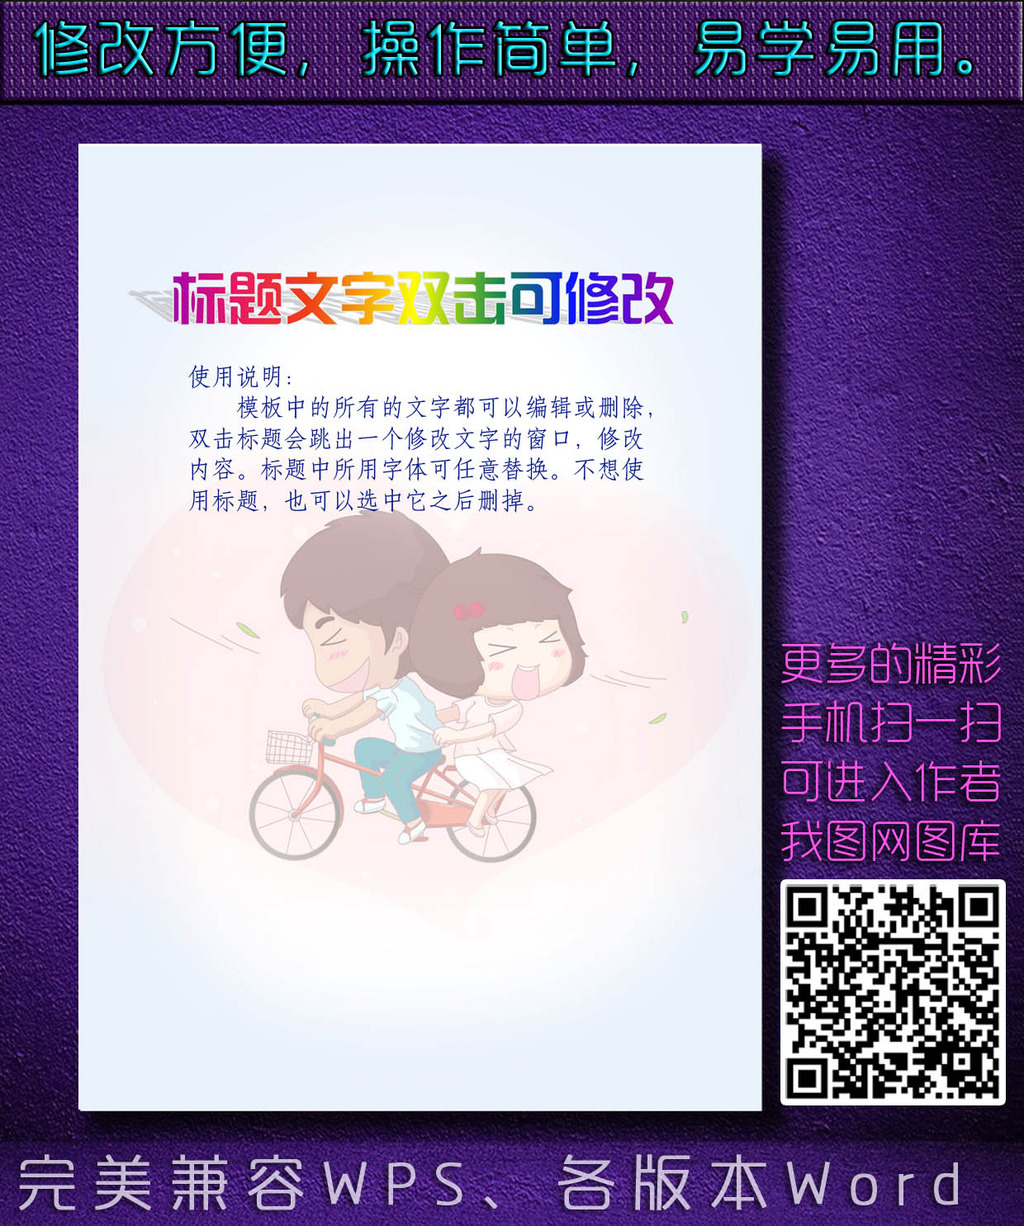 清新信纸模板图片下载